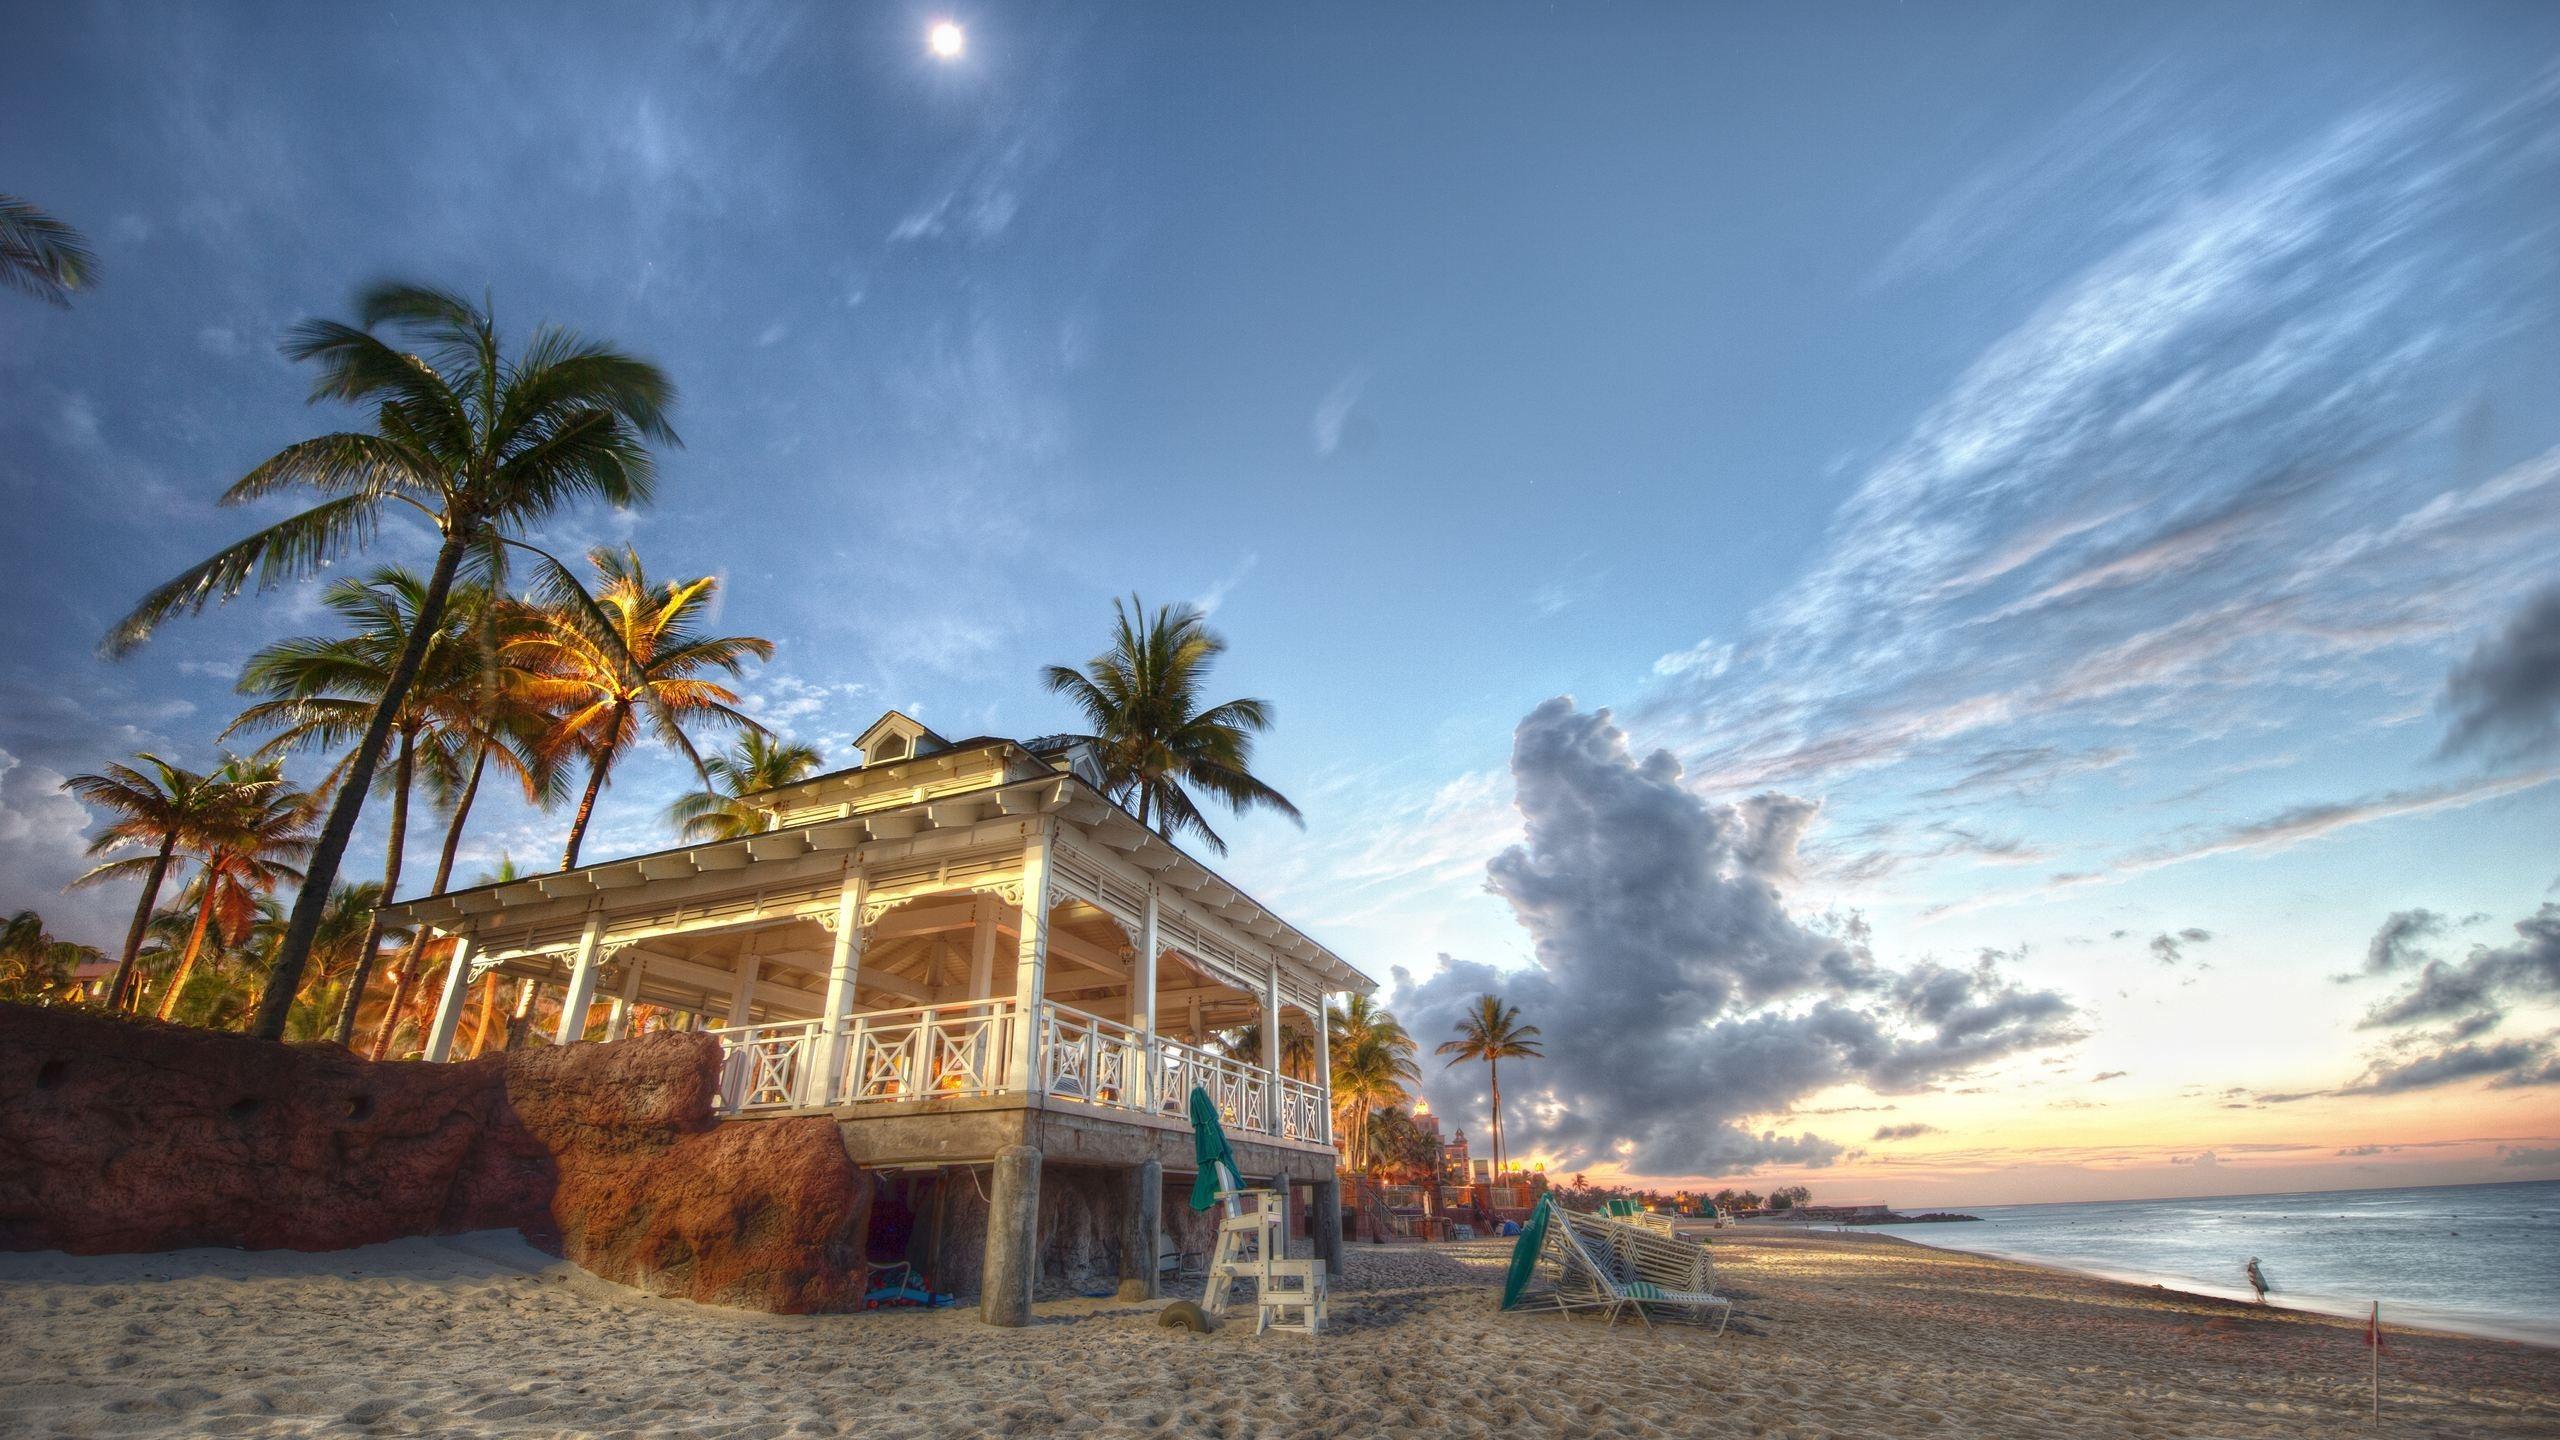 Nassau Bahamas Beach House HD Wallpaper Nature Wallpapers 2560x1440